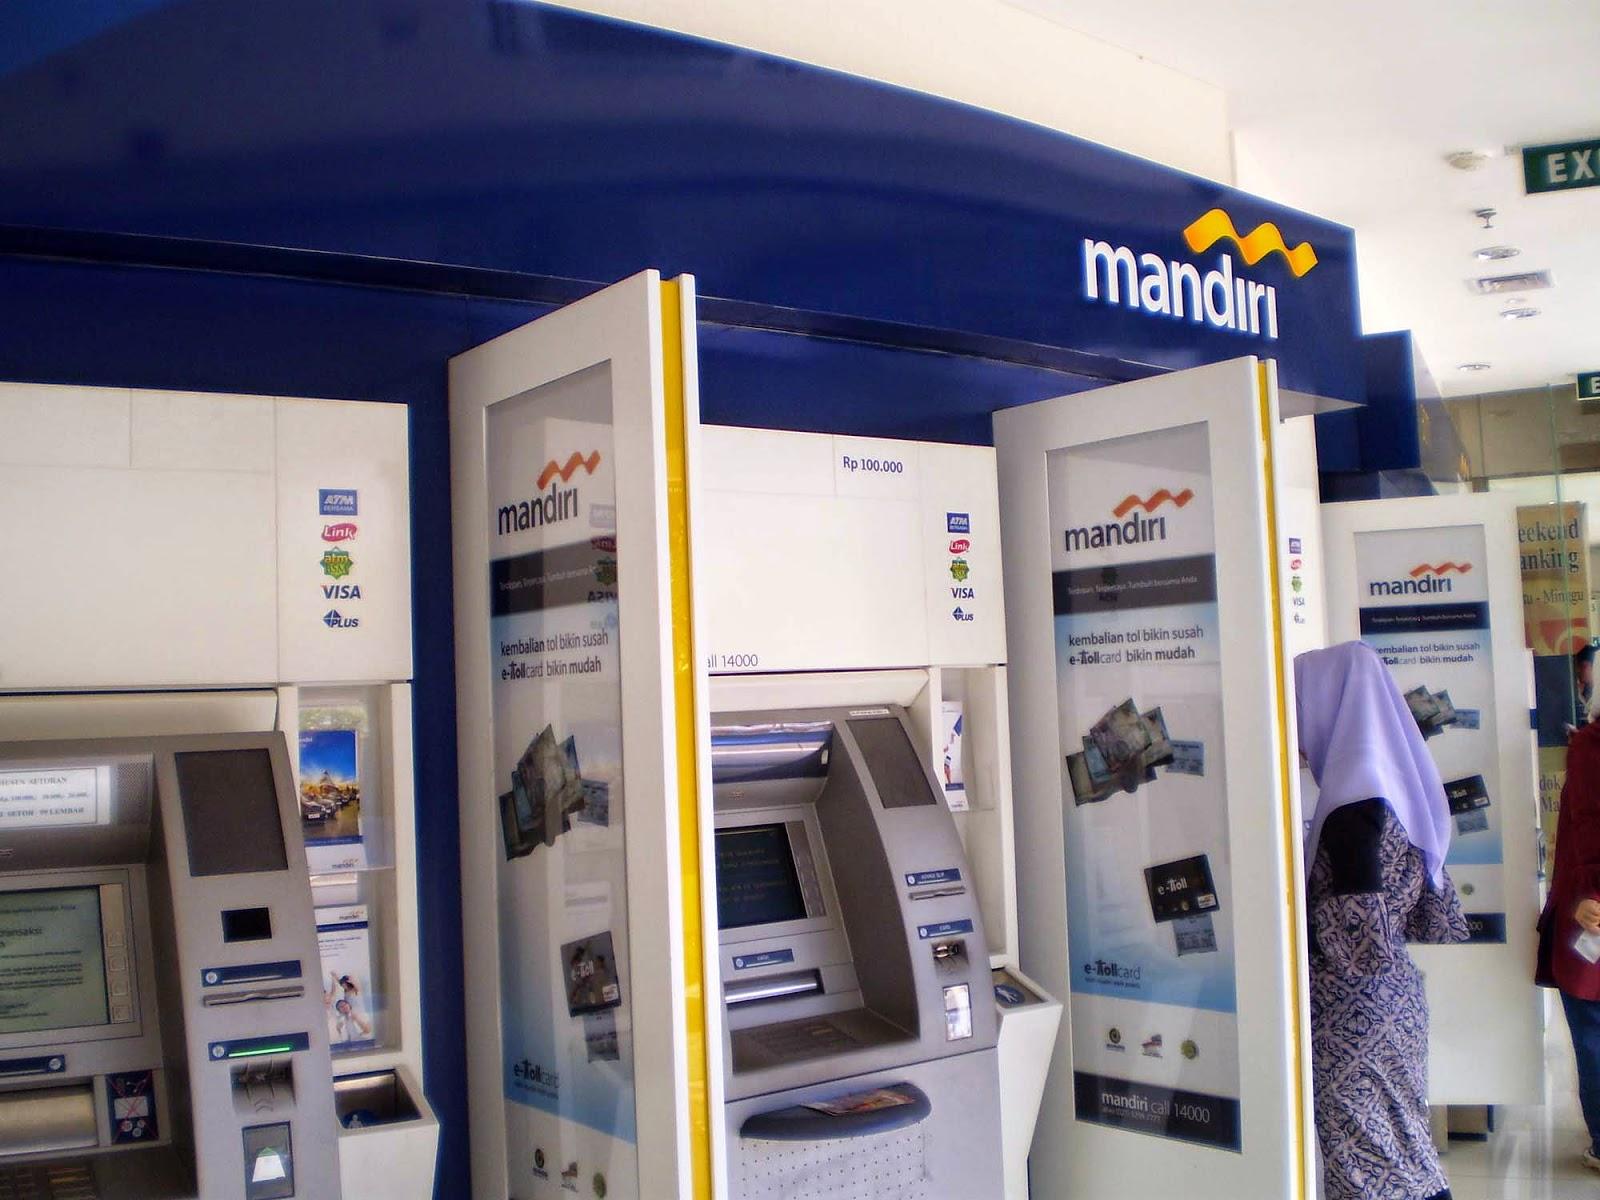 Catat lokasi kartu ATM tertelan di mesin ATM